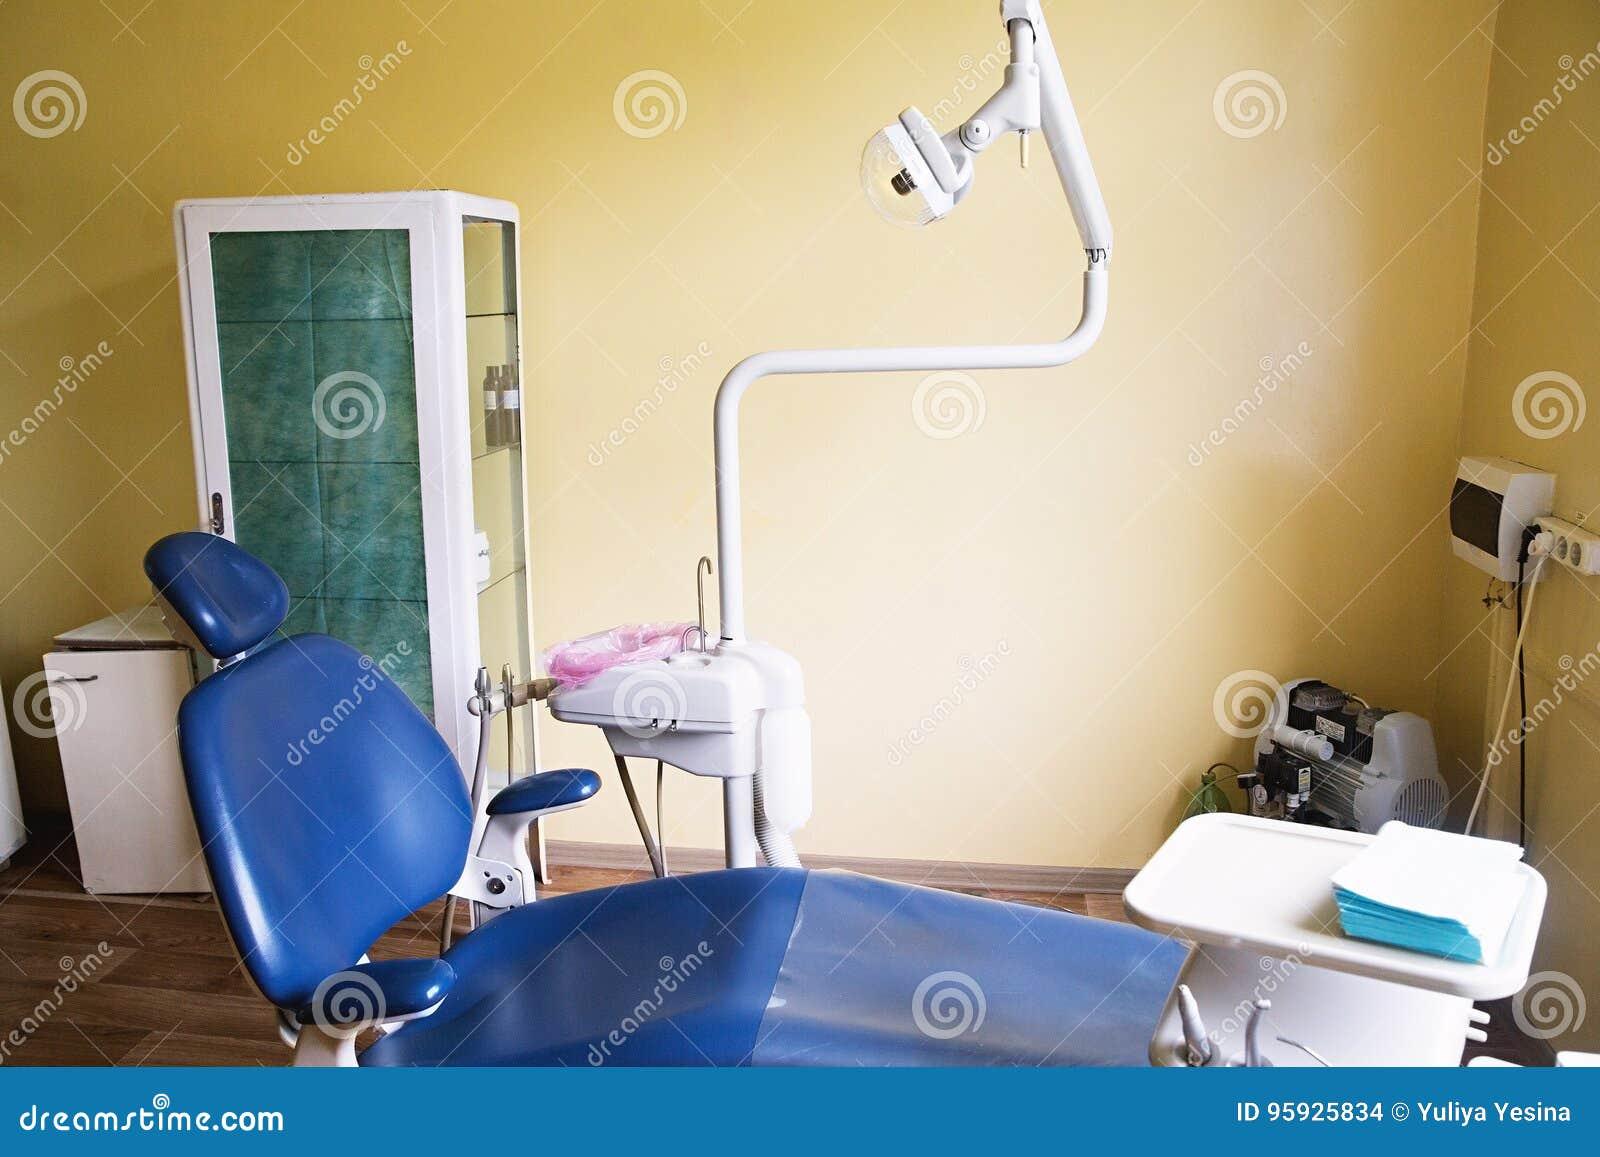 Download Chaise Du S De Dentiste Dans Un Cabinet Mdical Photo Stock